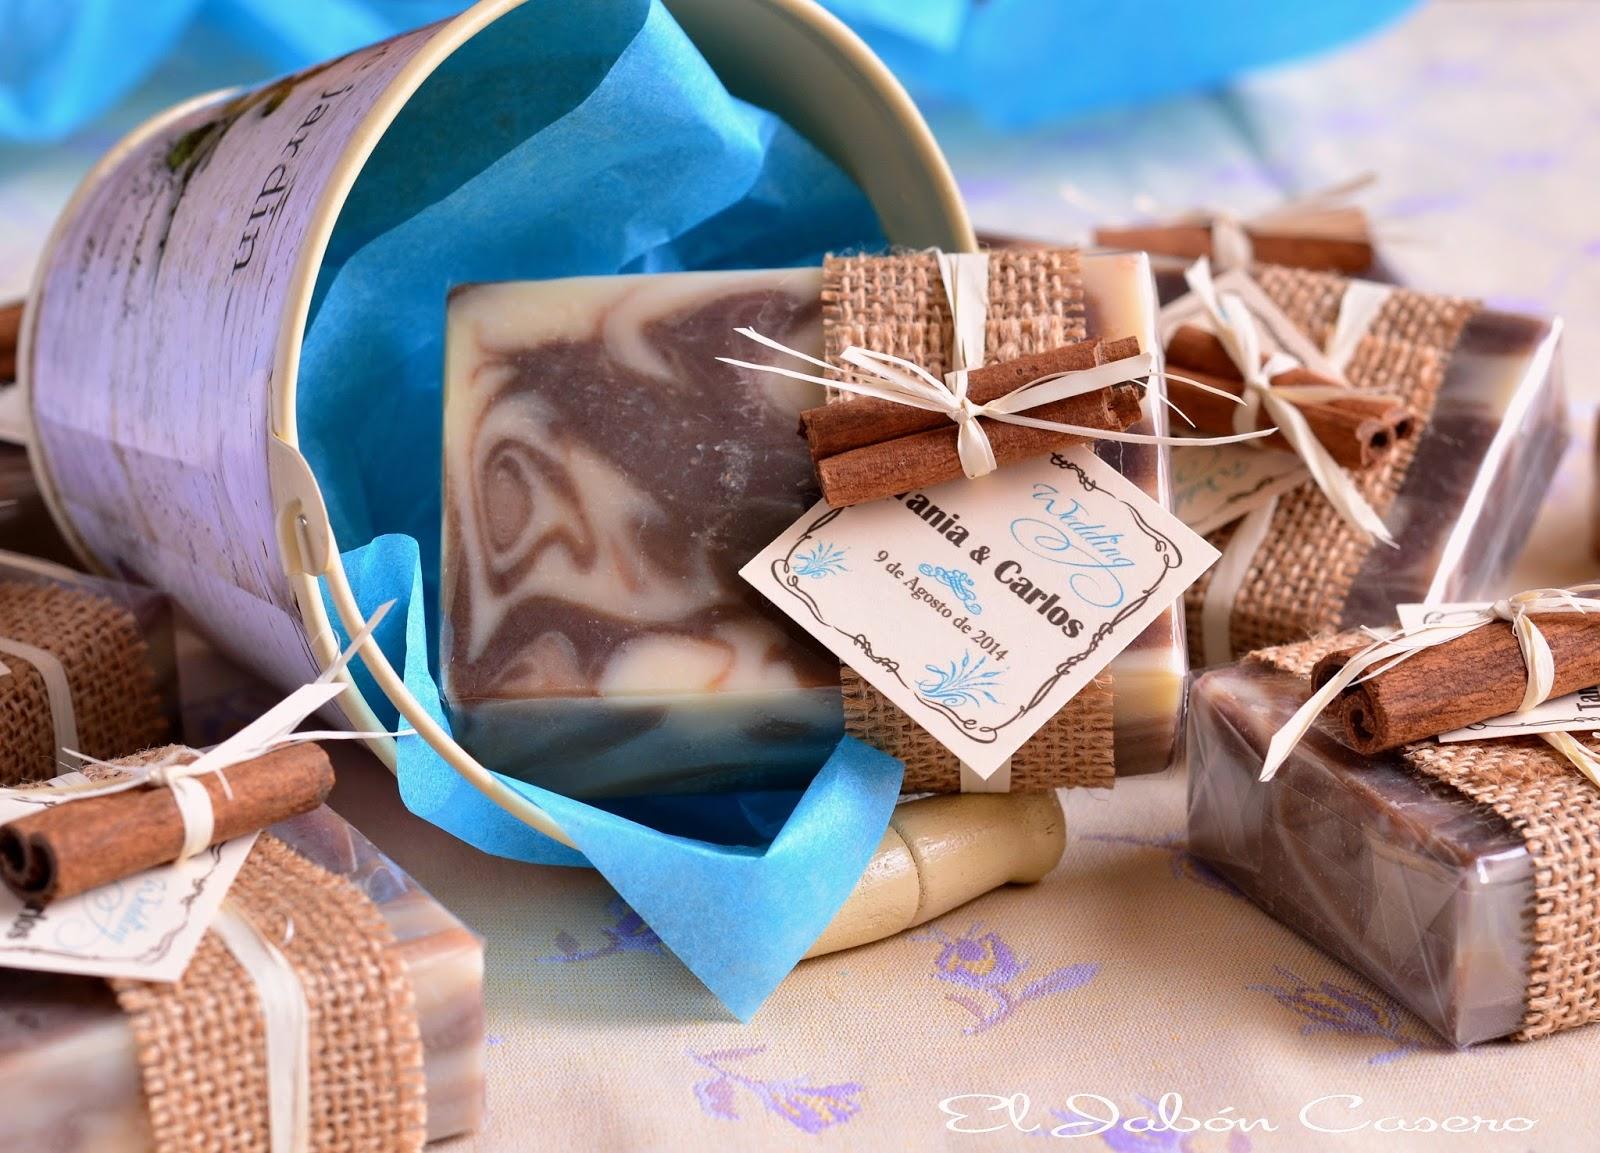 Jabones de chocolate personalizados para detalles de boda